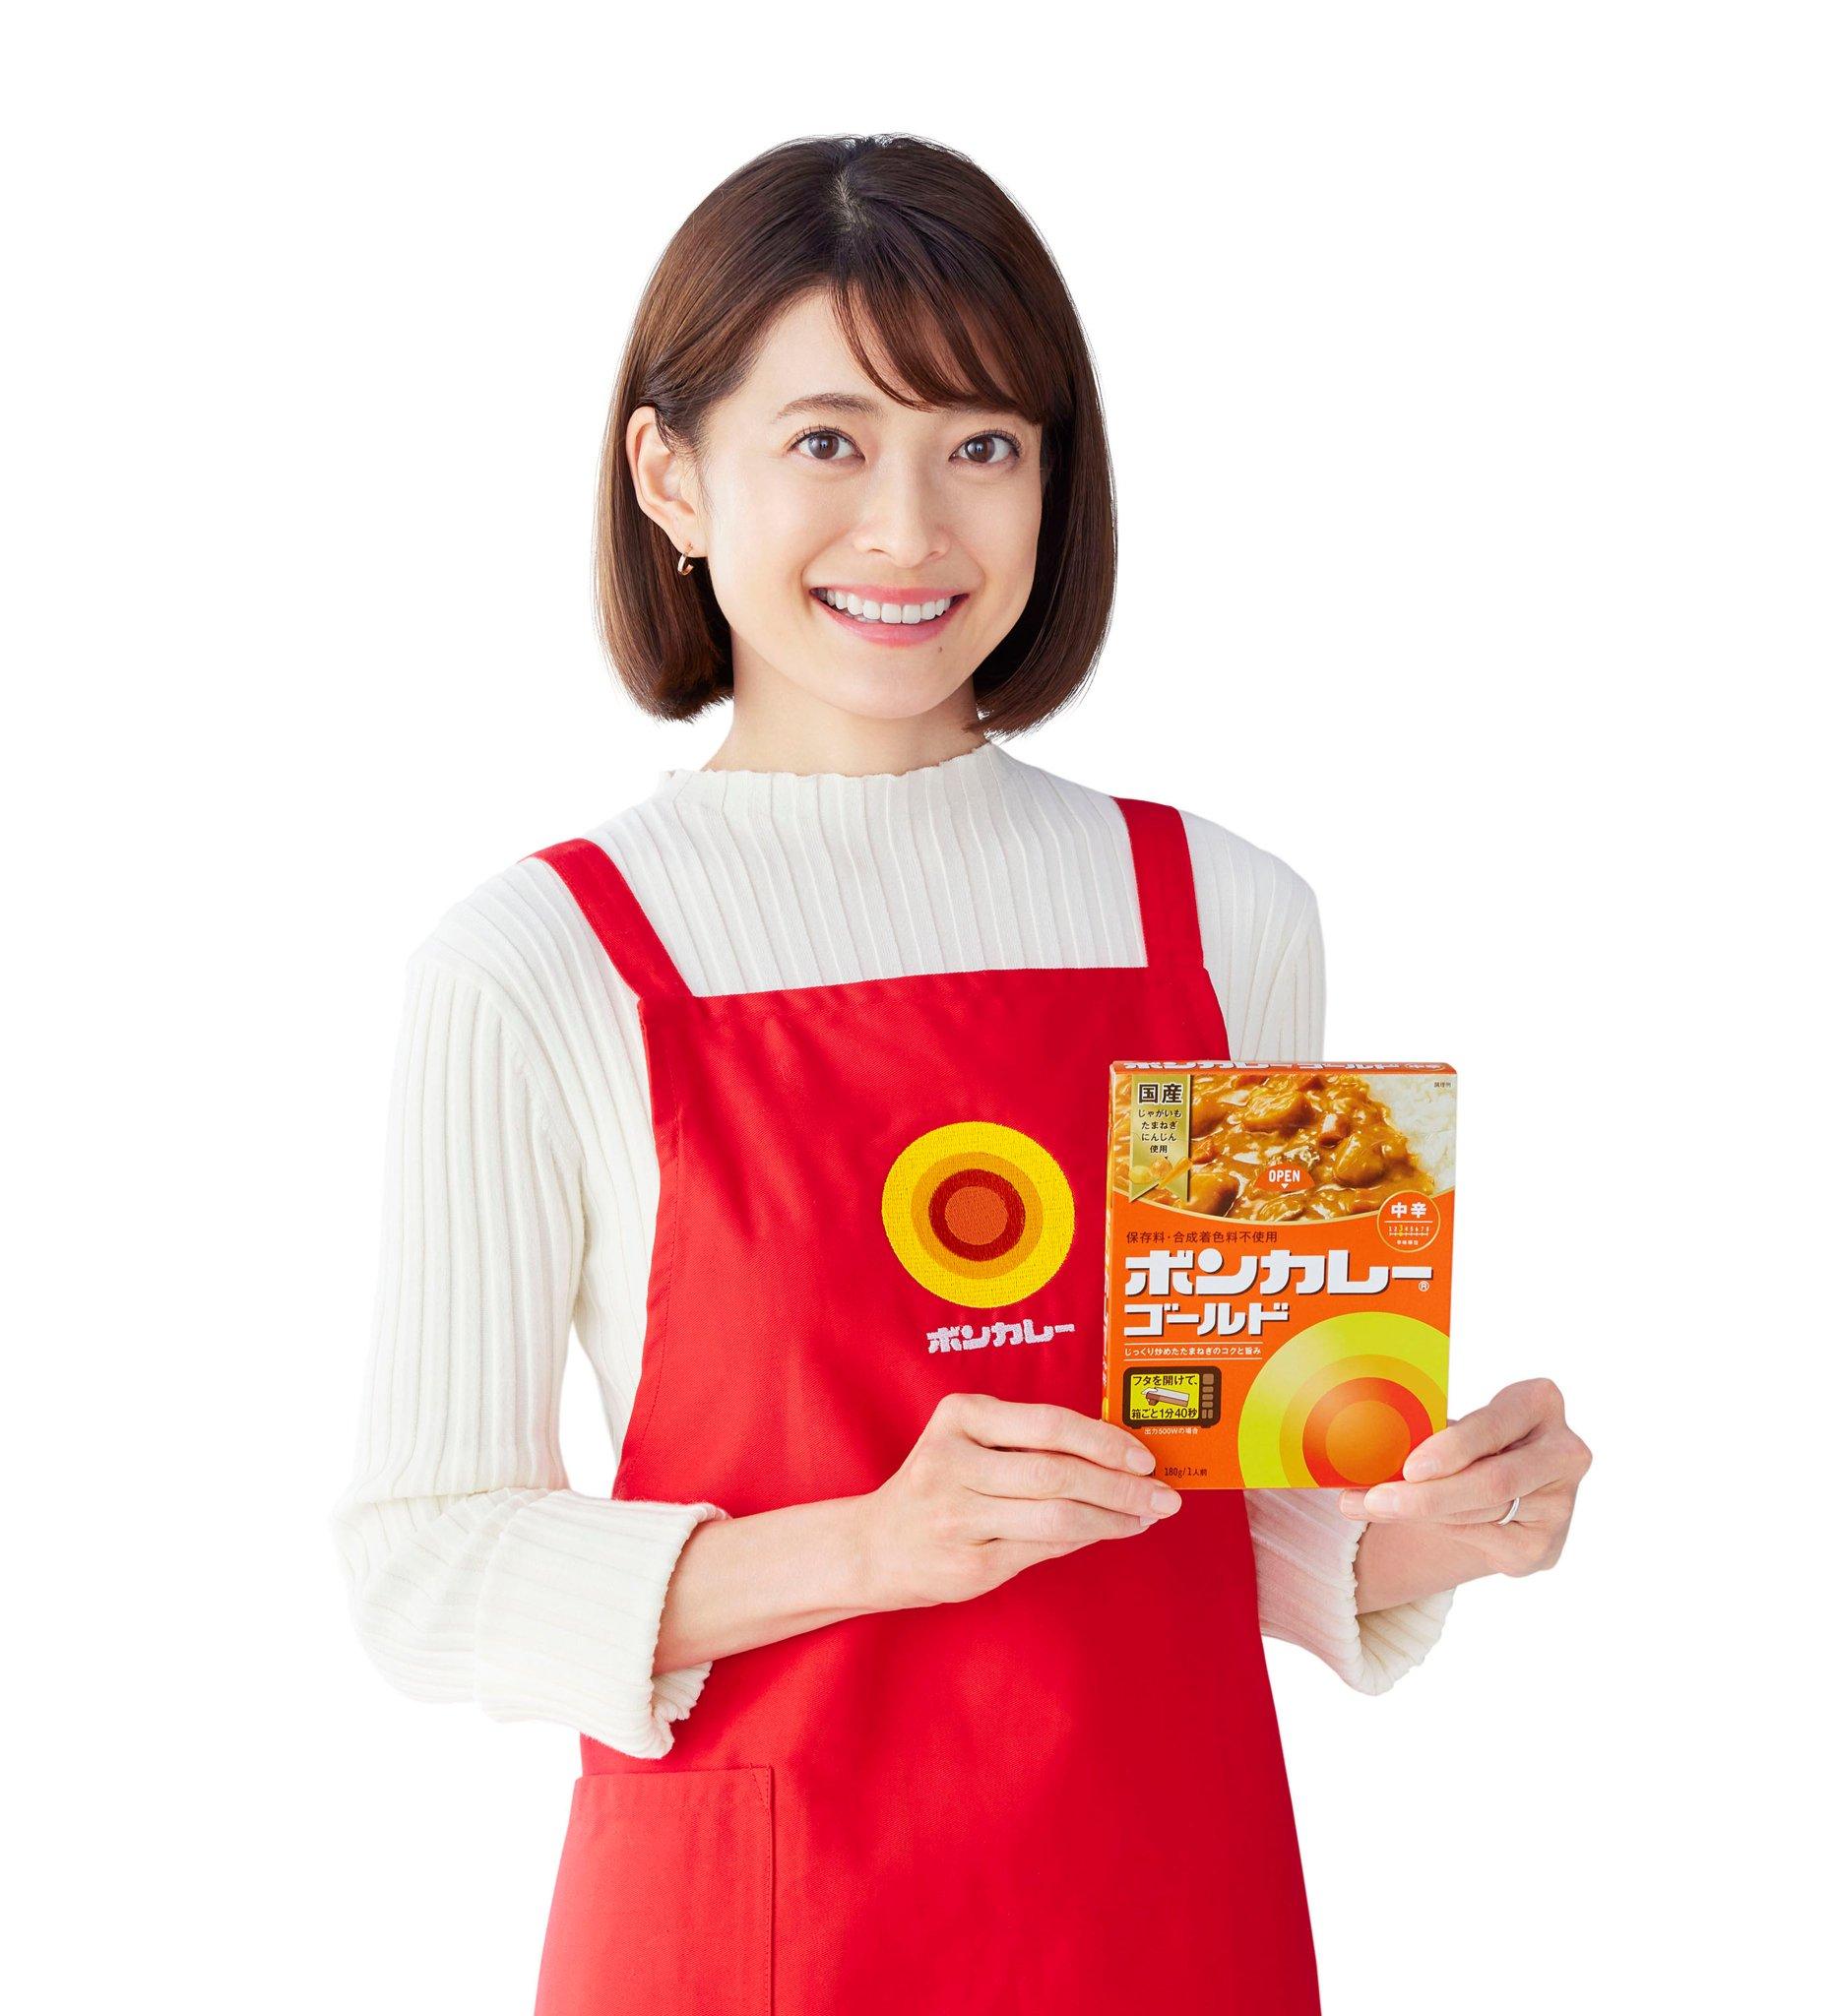 大塚食品 ボンカレー 公式アンバサダー